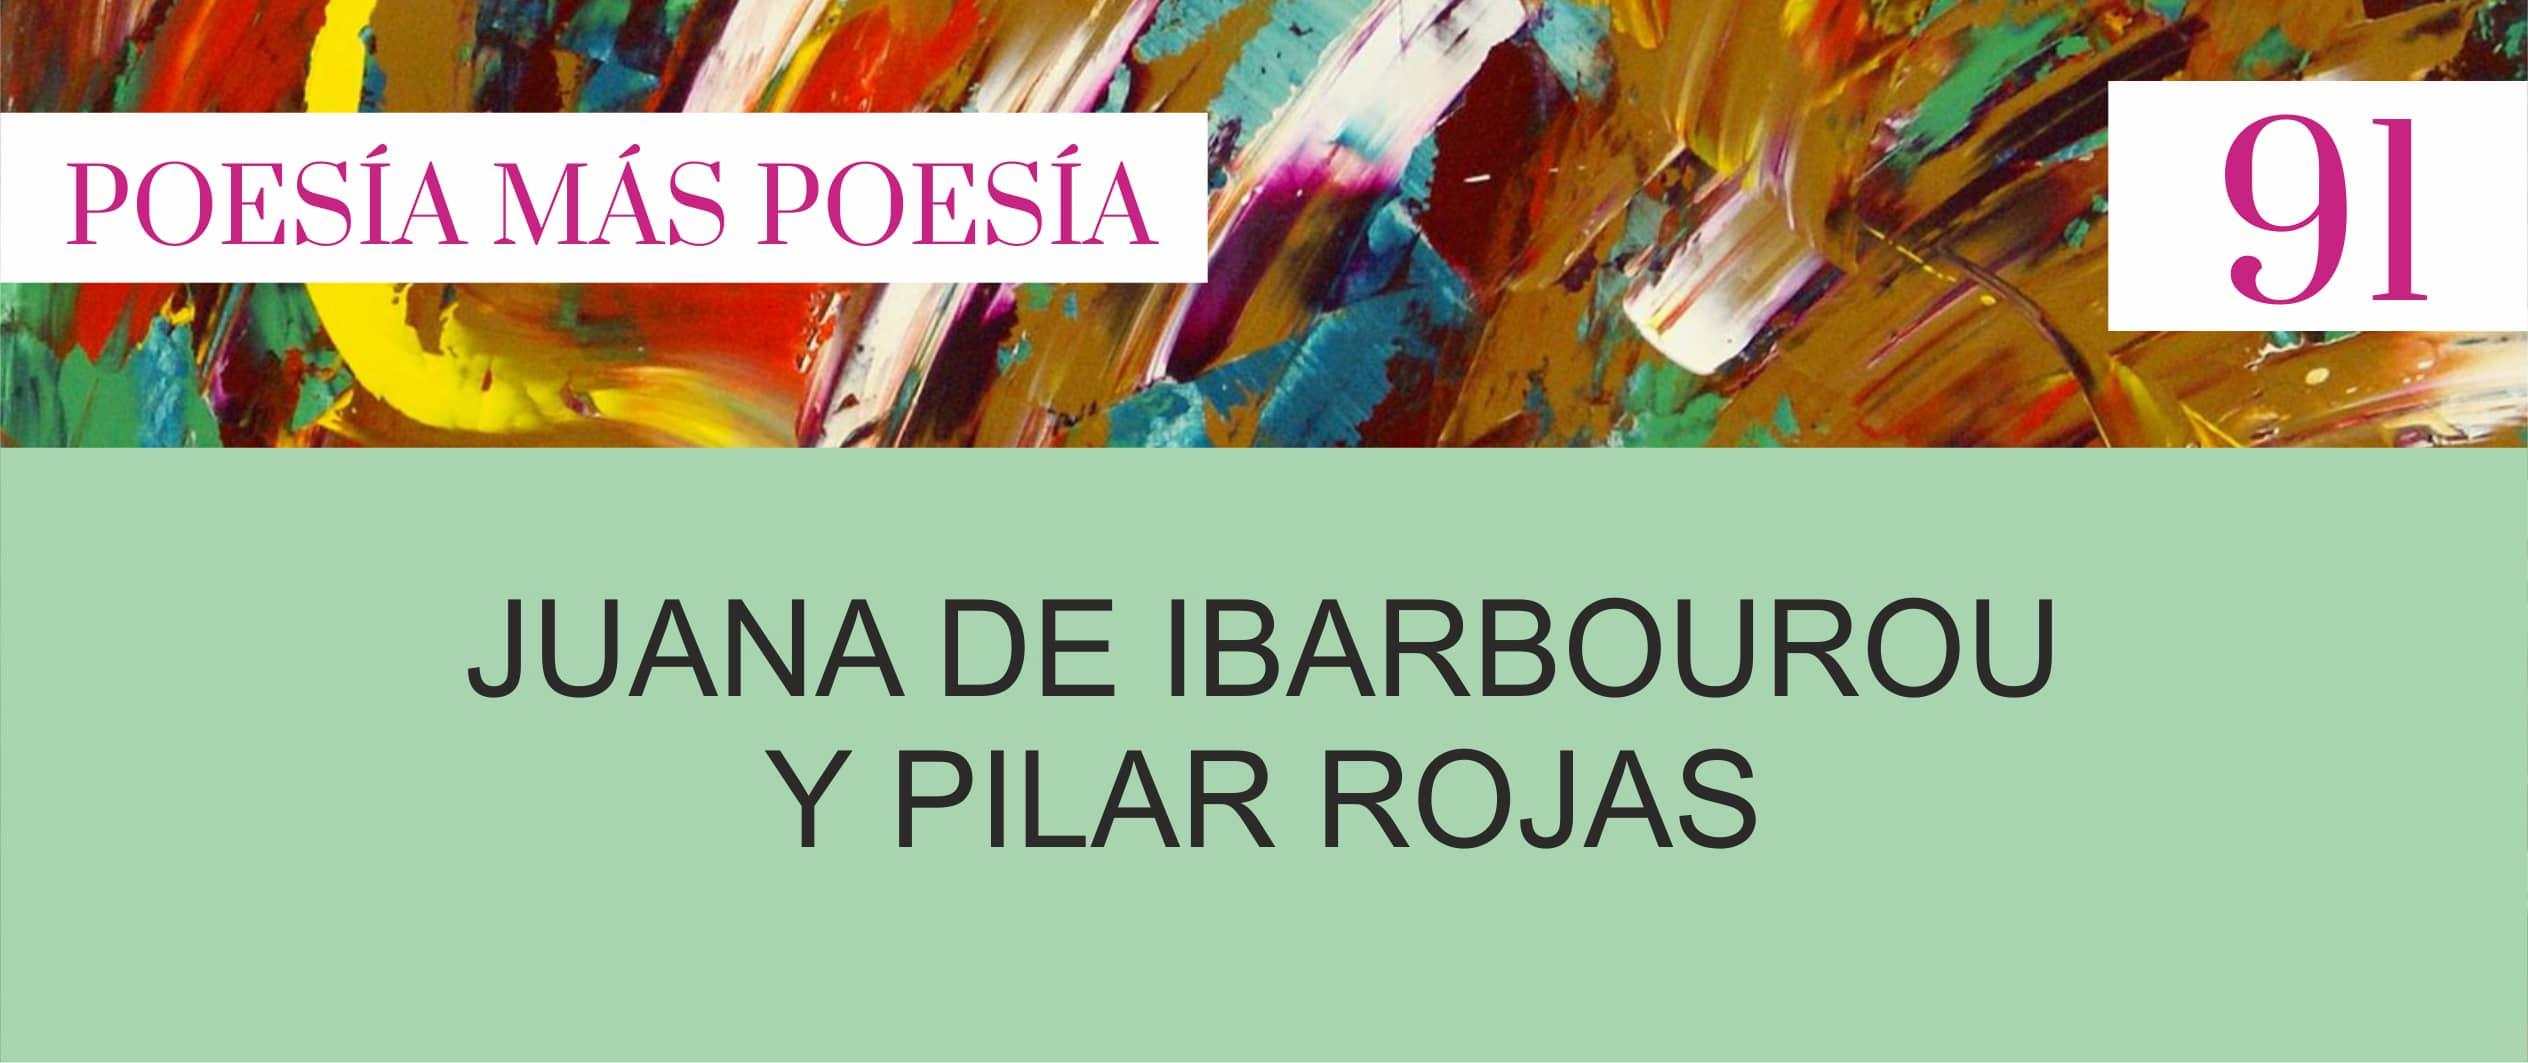 PORTADA - Poesia Online